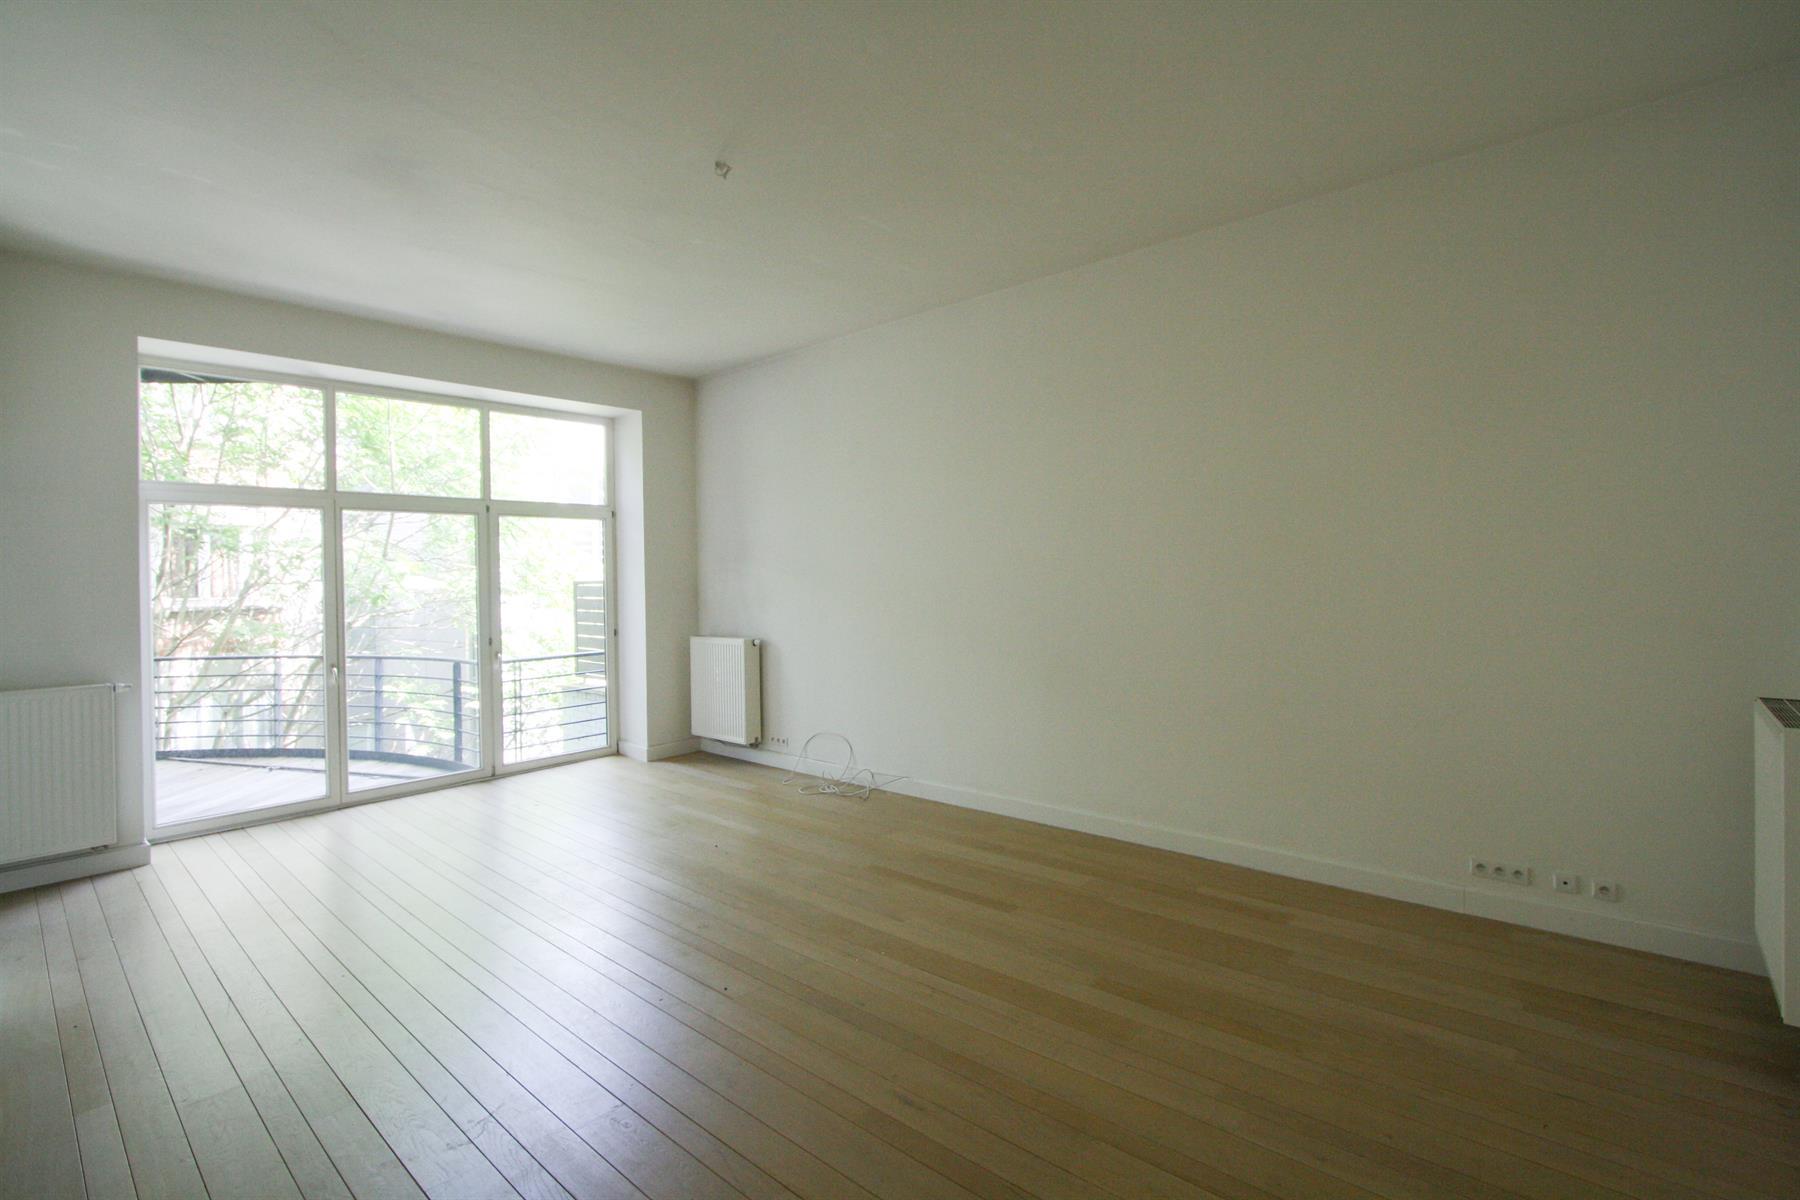 Appartement - Ixelles - #4419713-2